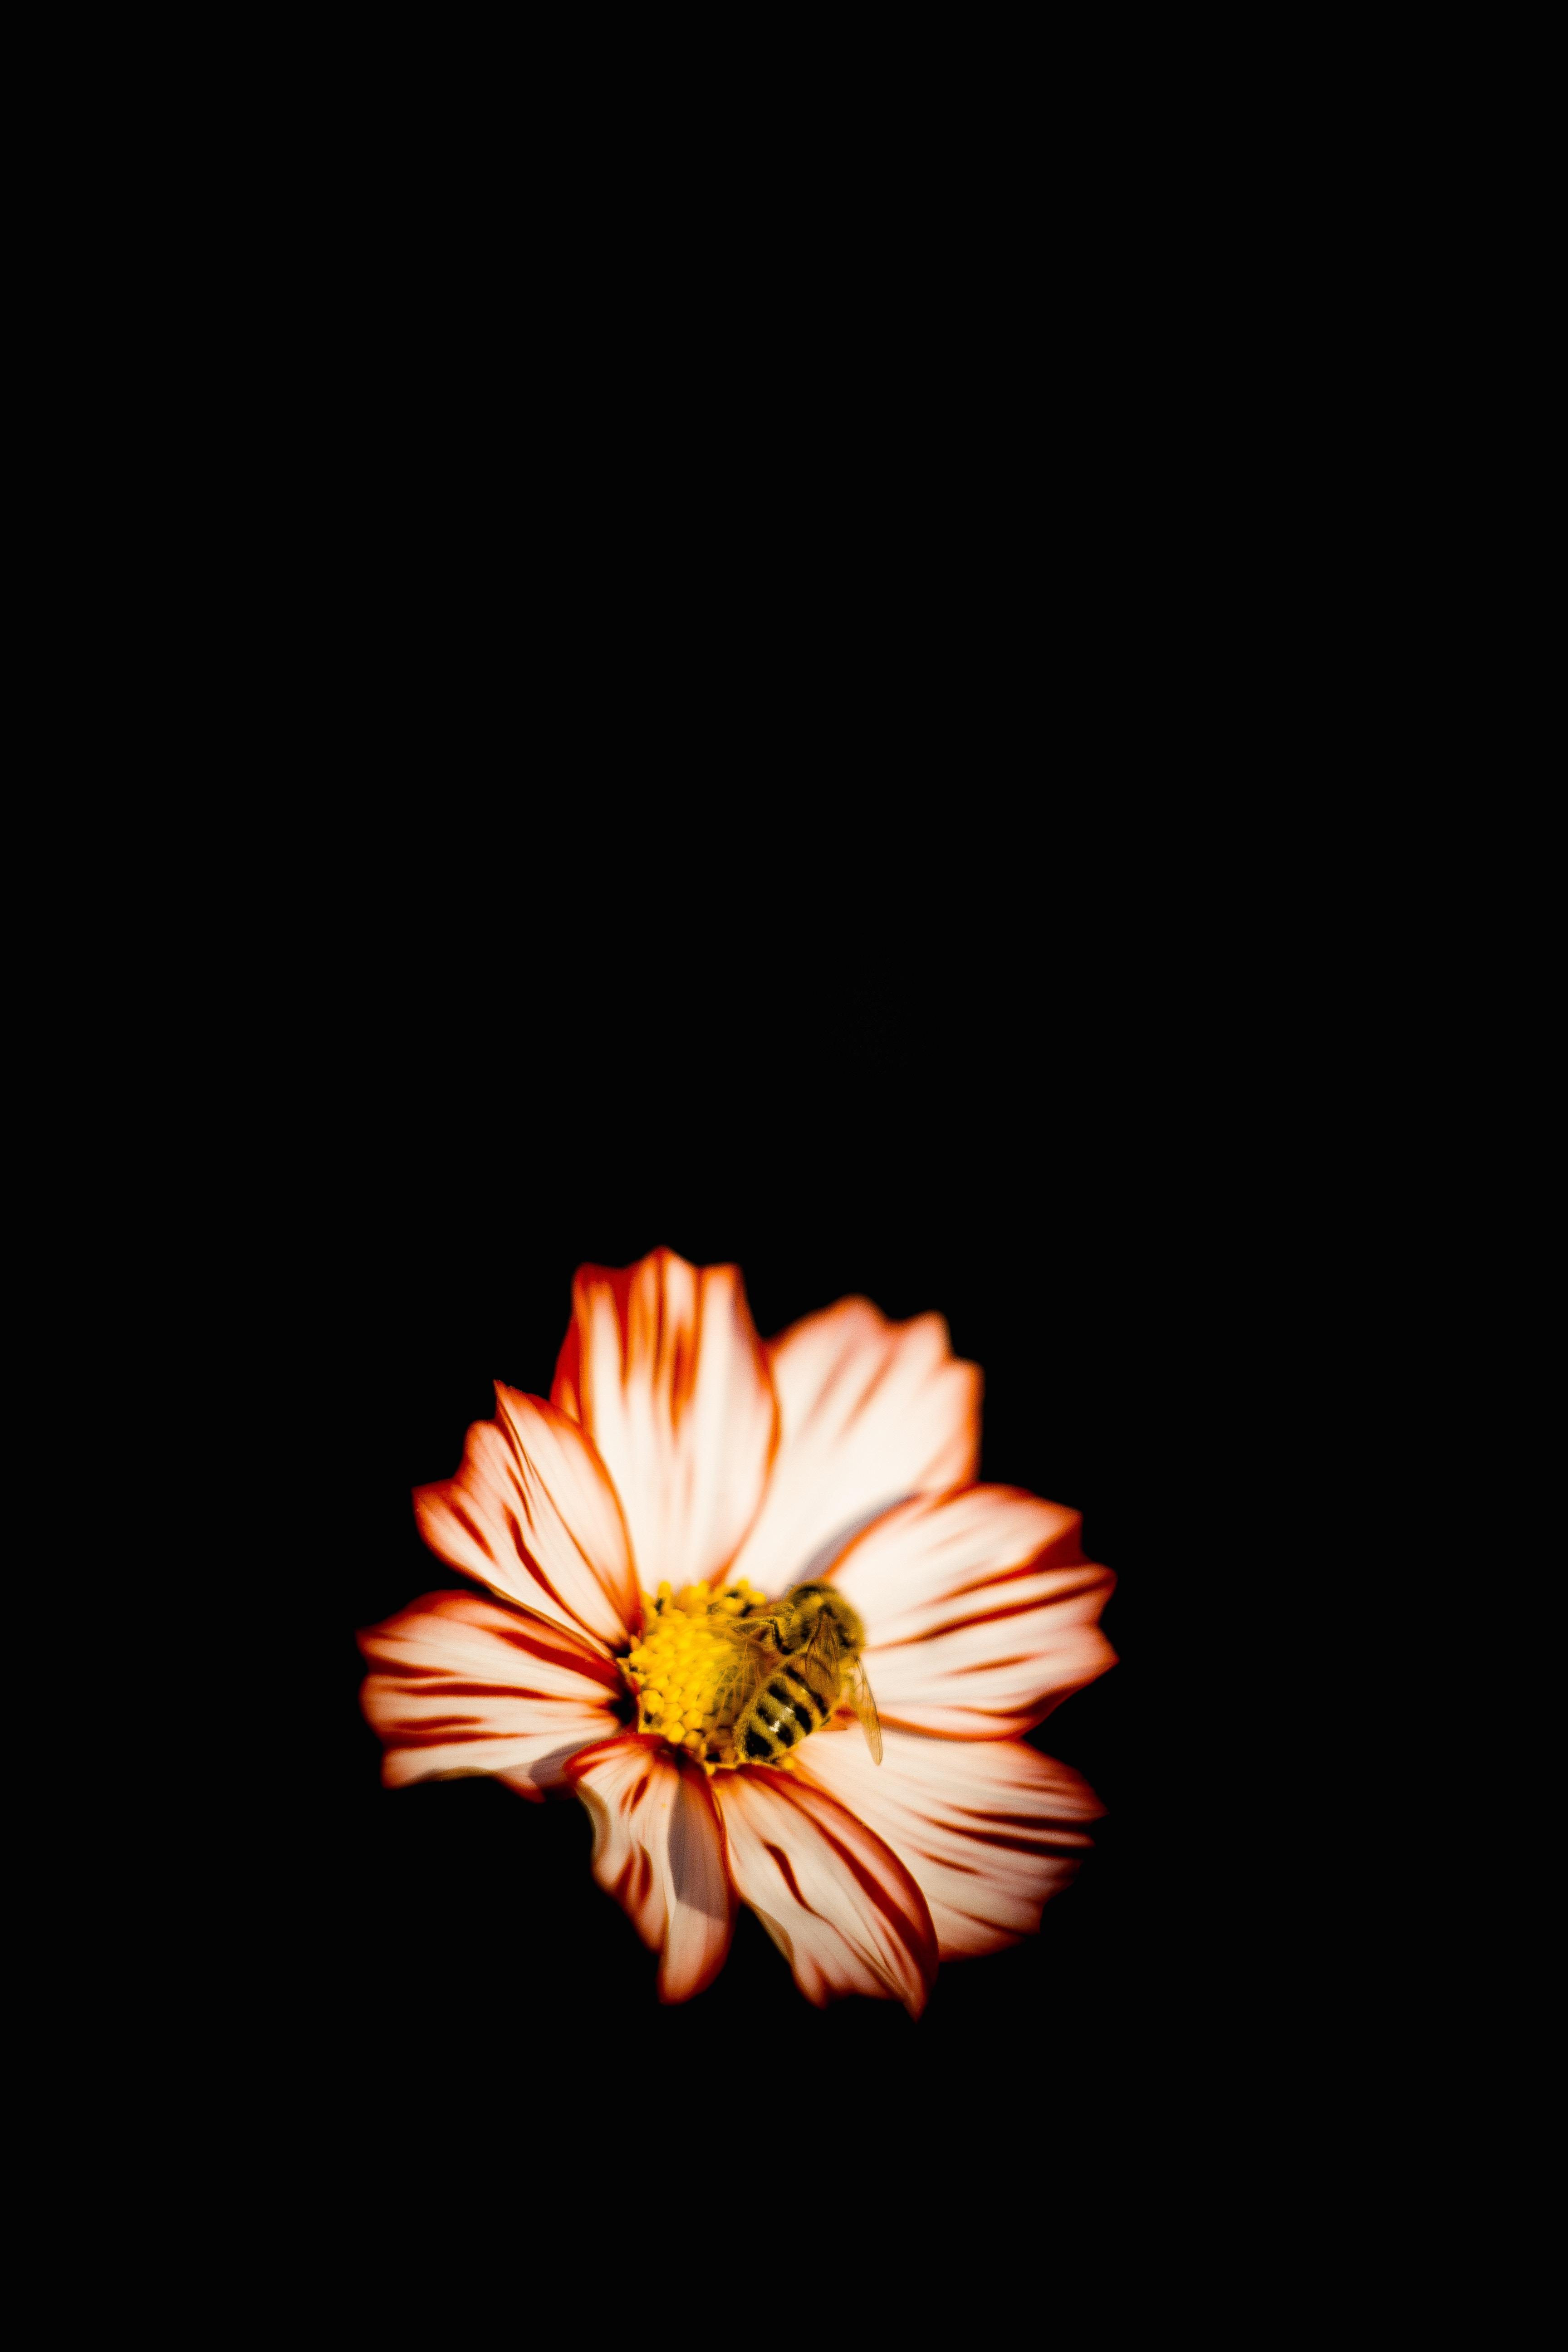 手機的73212屏保和壁紙昆虫。 免費下載 宏, 花, 花卉, 蜜蜂, 昆虫, 授粉 圖片